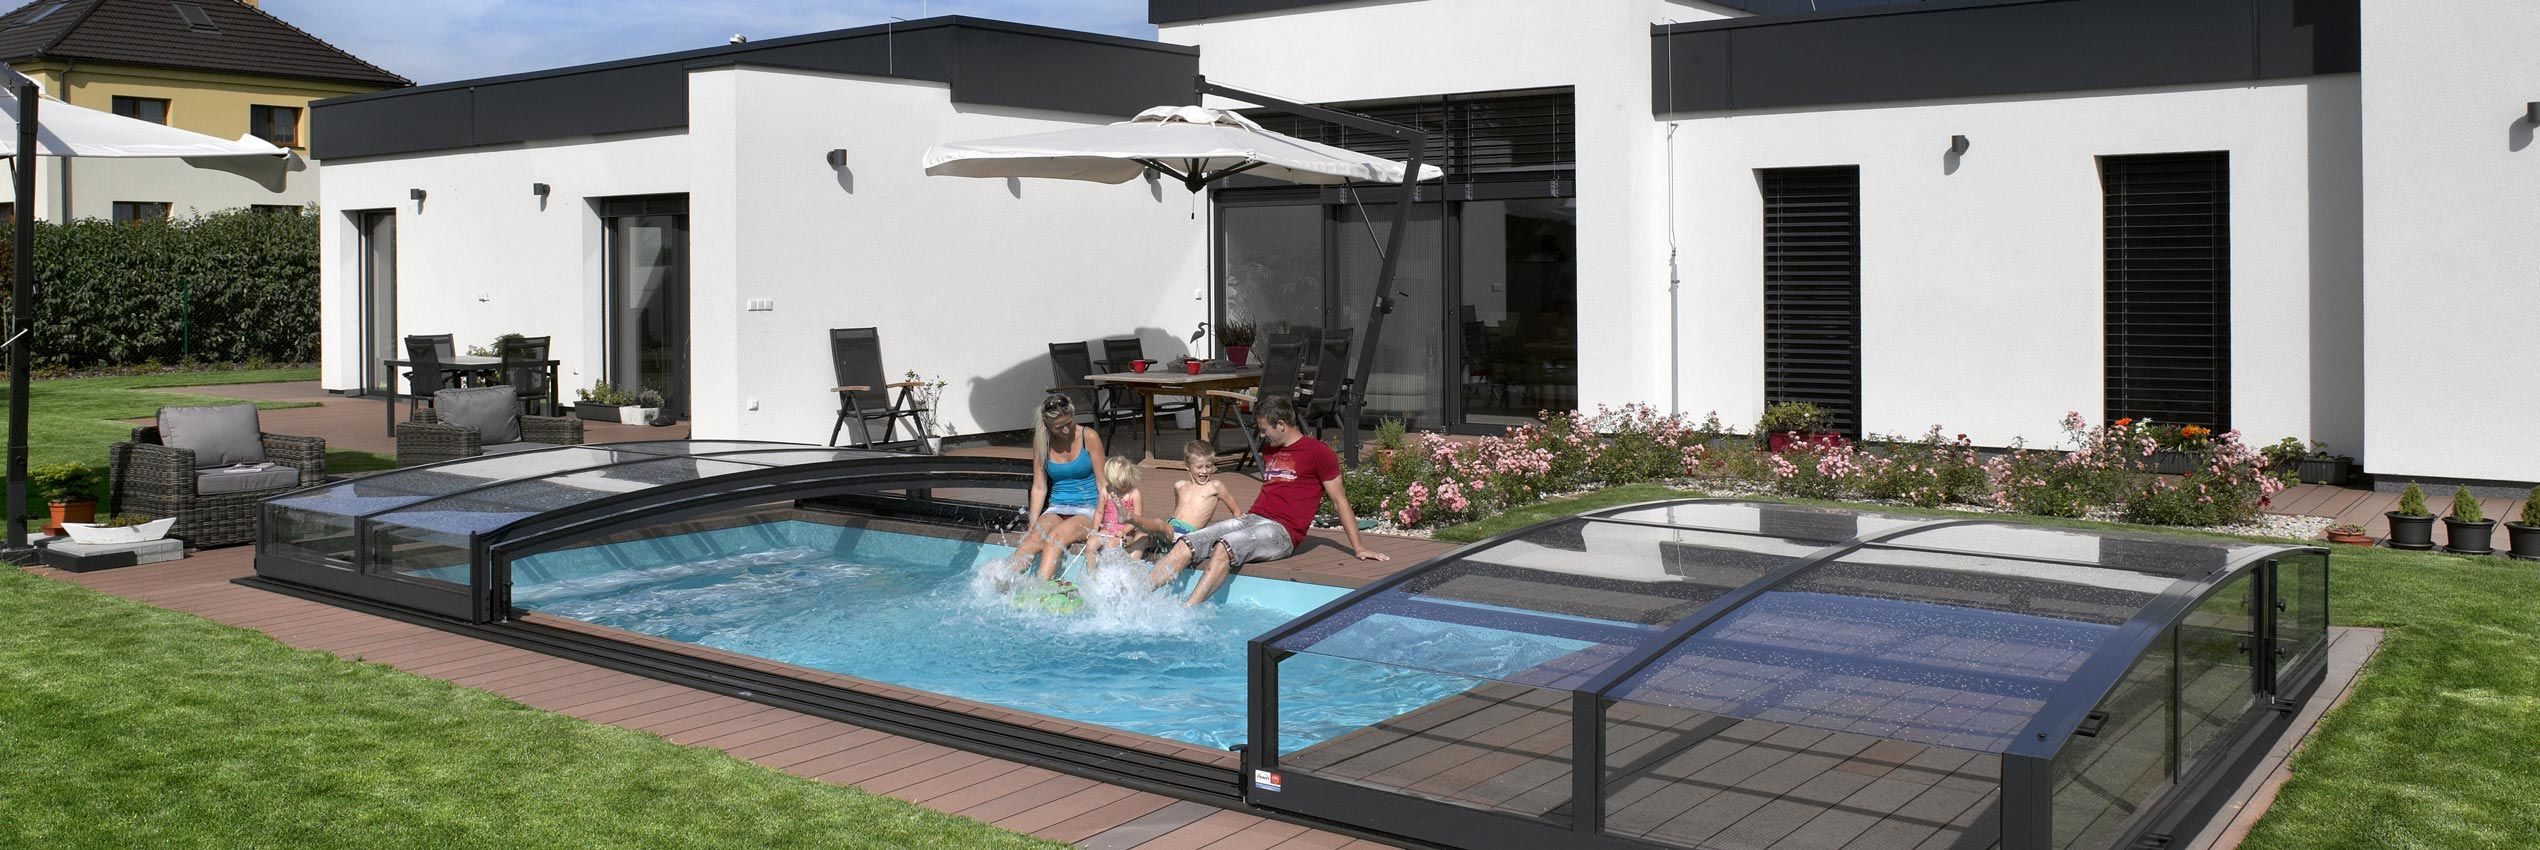 Acoperire piscine Viva - fabricare la comandă